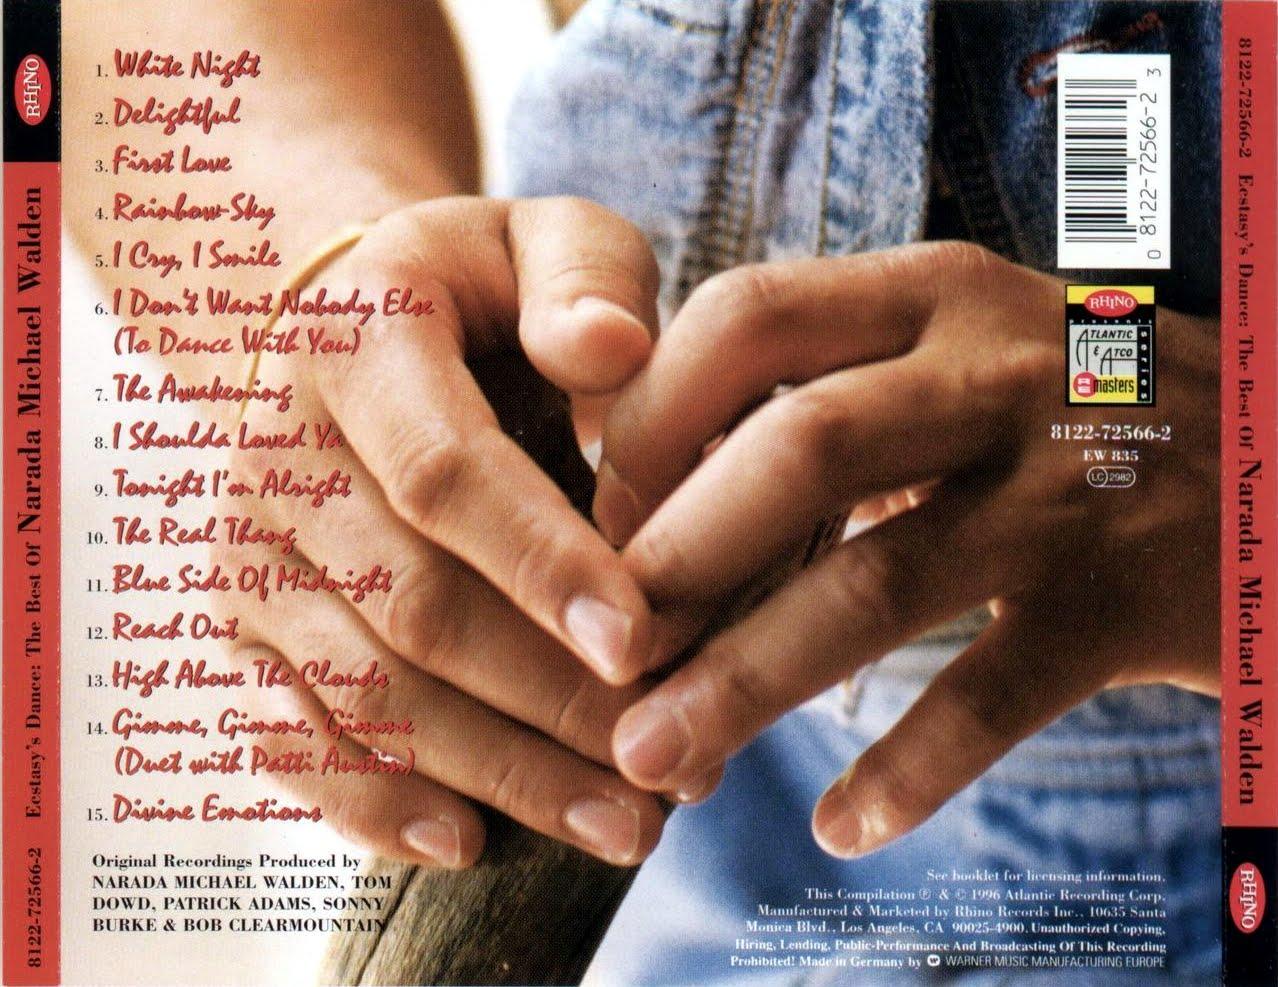 http://2.bp.blogspot.com/_mBGx92Xe7g8/TKIuqBTBnbI/AAAAAAAAELY/t9WoU6L3-Rc/s1600/Narada+Michael+Walden+-+1996+-+Ecstasy%27s++Dance+The+Best+Of+-+Back.jpg